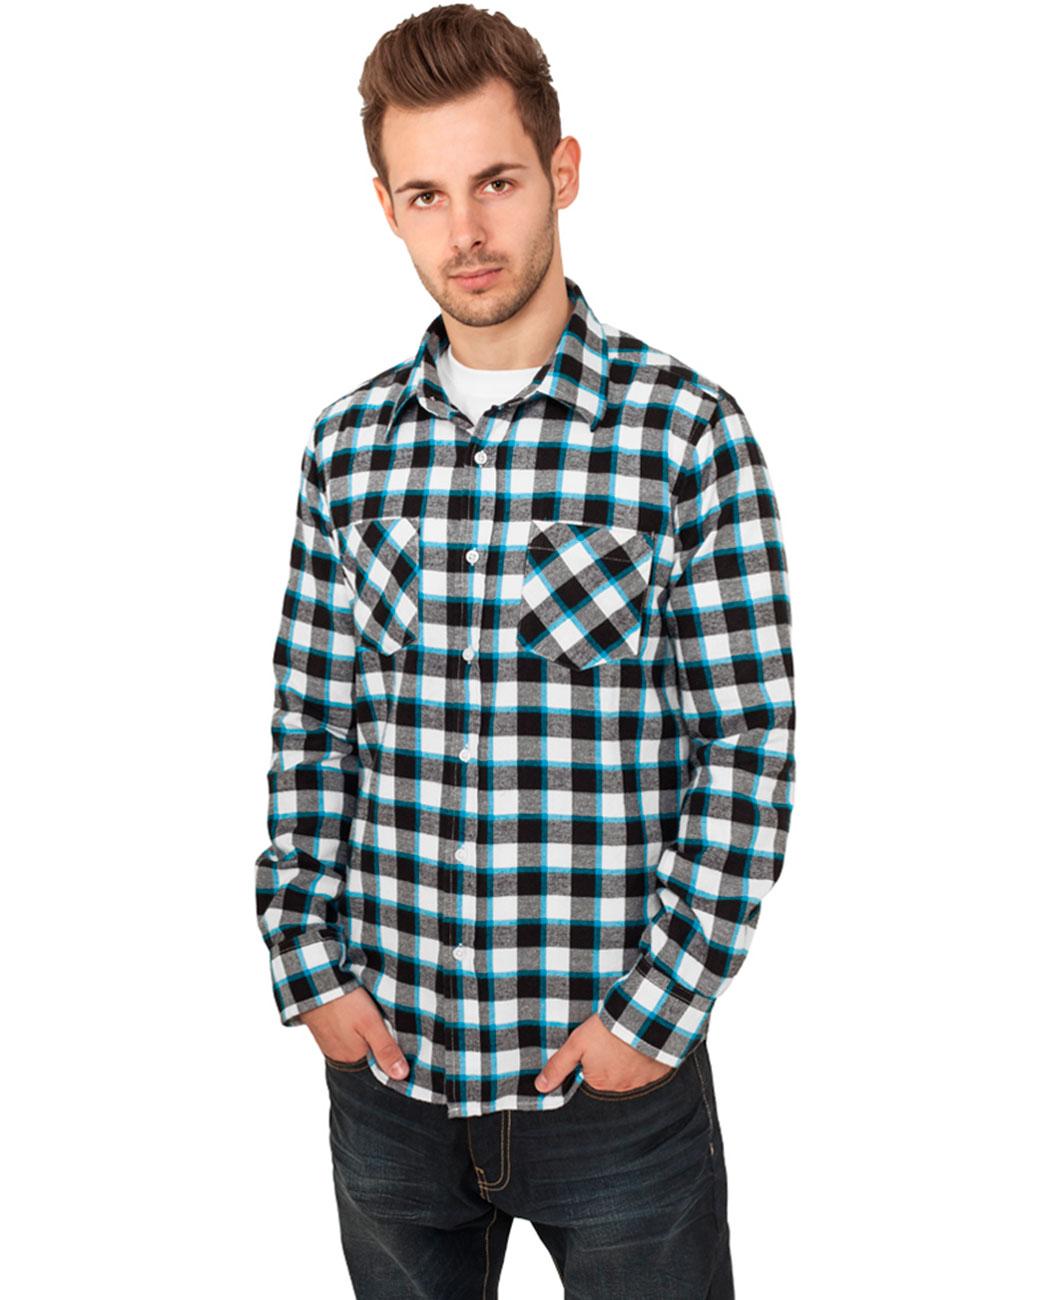 Urban Classics Pánská flanelová košile URBAN CLASSICS TB411 Černá / Bílá / Limetková zelená S